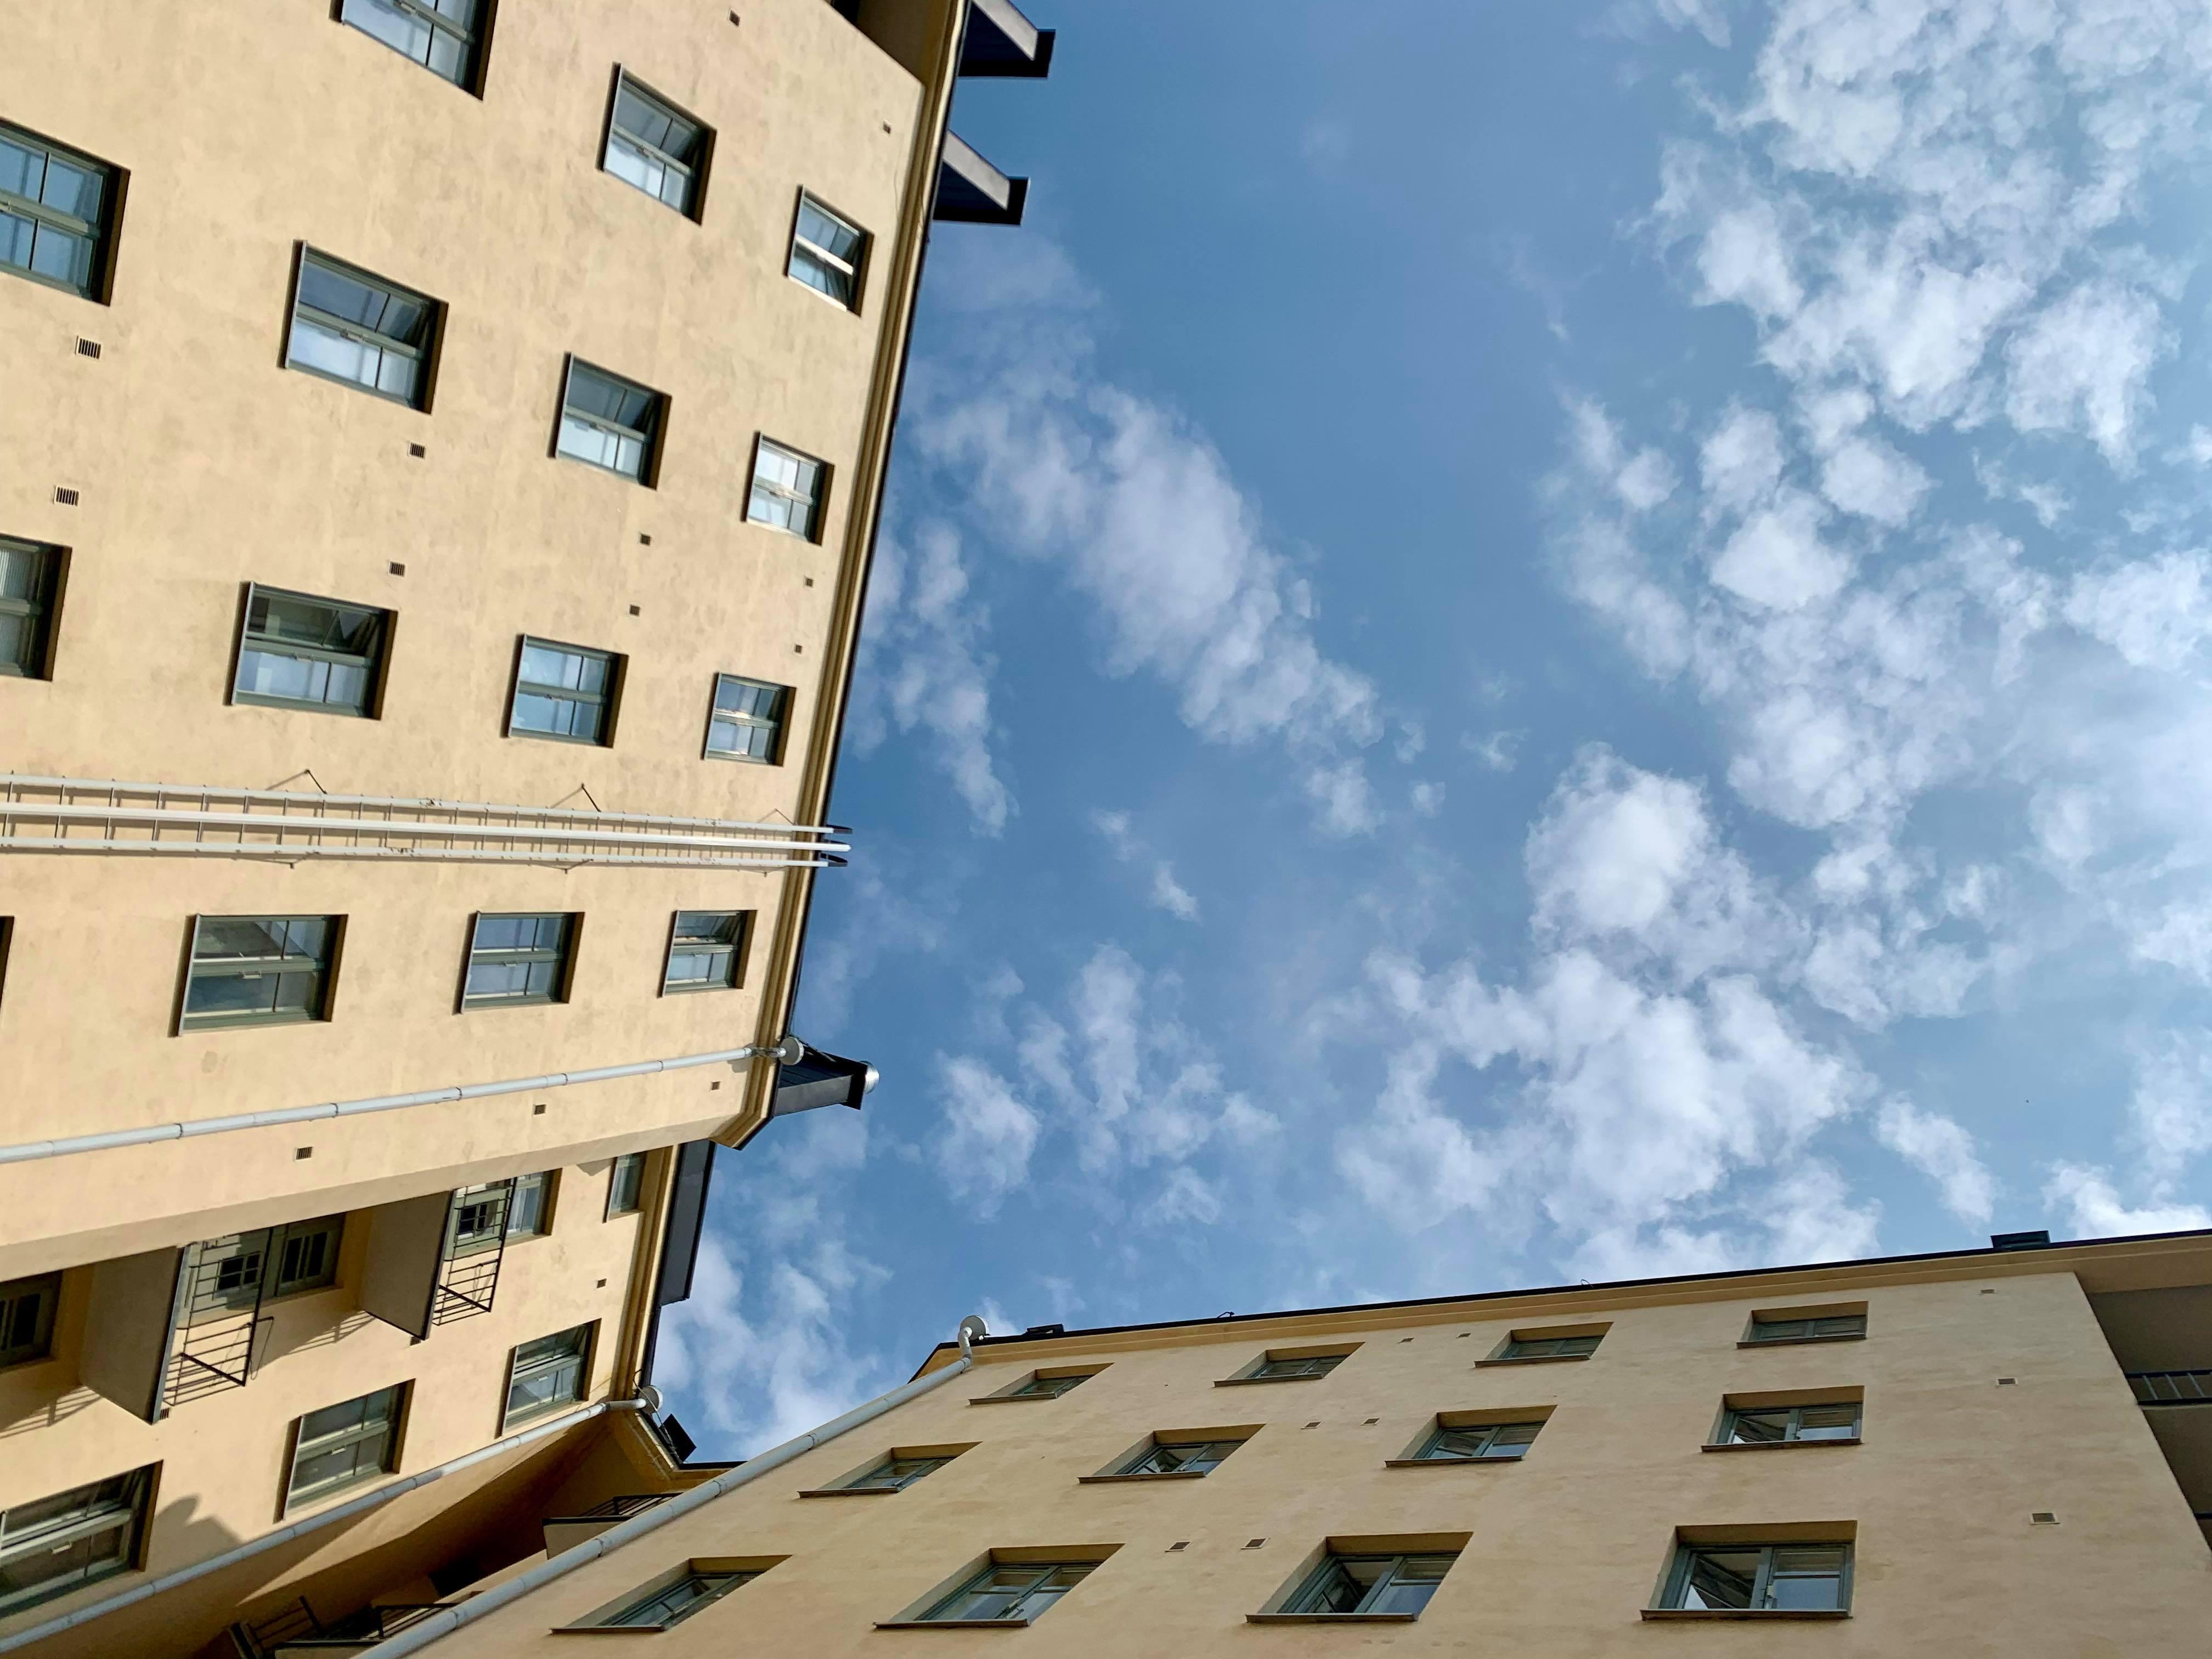 Kiinteistönvälittäjän korvausvastuu asuntokaupassa ja kiinteistökaupassa - mistä välittäjä vastaa ja kenelle?